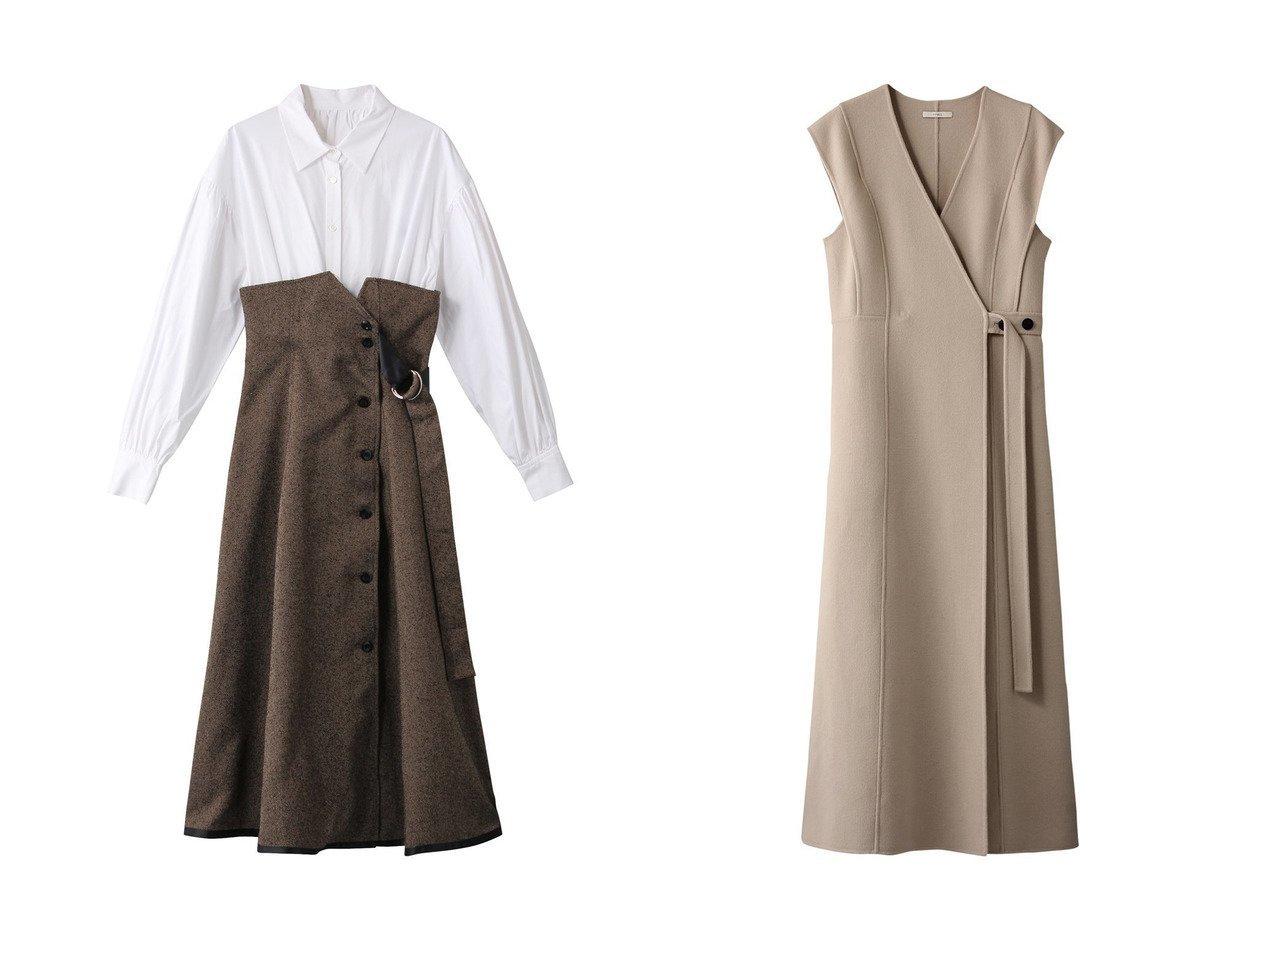 【The Virgnia/ザ ヴァージニア】のタスランモールドッキングワンピース&【LE PHIL/ル フィル】のソフトウールビーバーワンピース ワンピース・ドレスのおすすめ!人気、レディースファッションの通販  おすすめで人気のファッション通販商品 インテリア・家具・キッズファッション・メンズファッション・レディースファッション・服の通販 founy(ファニー) https://founy.com/ ファッション Fashion レディース WOMEN ワンピース Dress クラシカル コルセット ドッキング ヘリンボーン ロング  ID:crp329100000000699